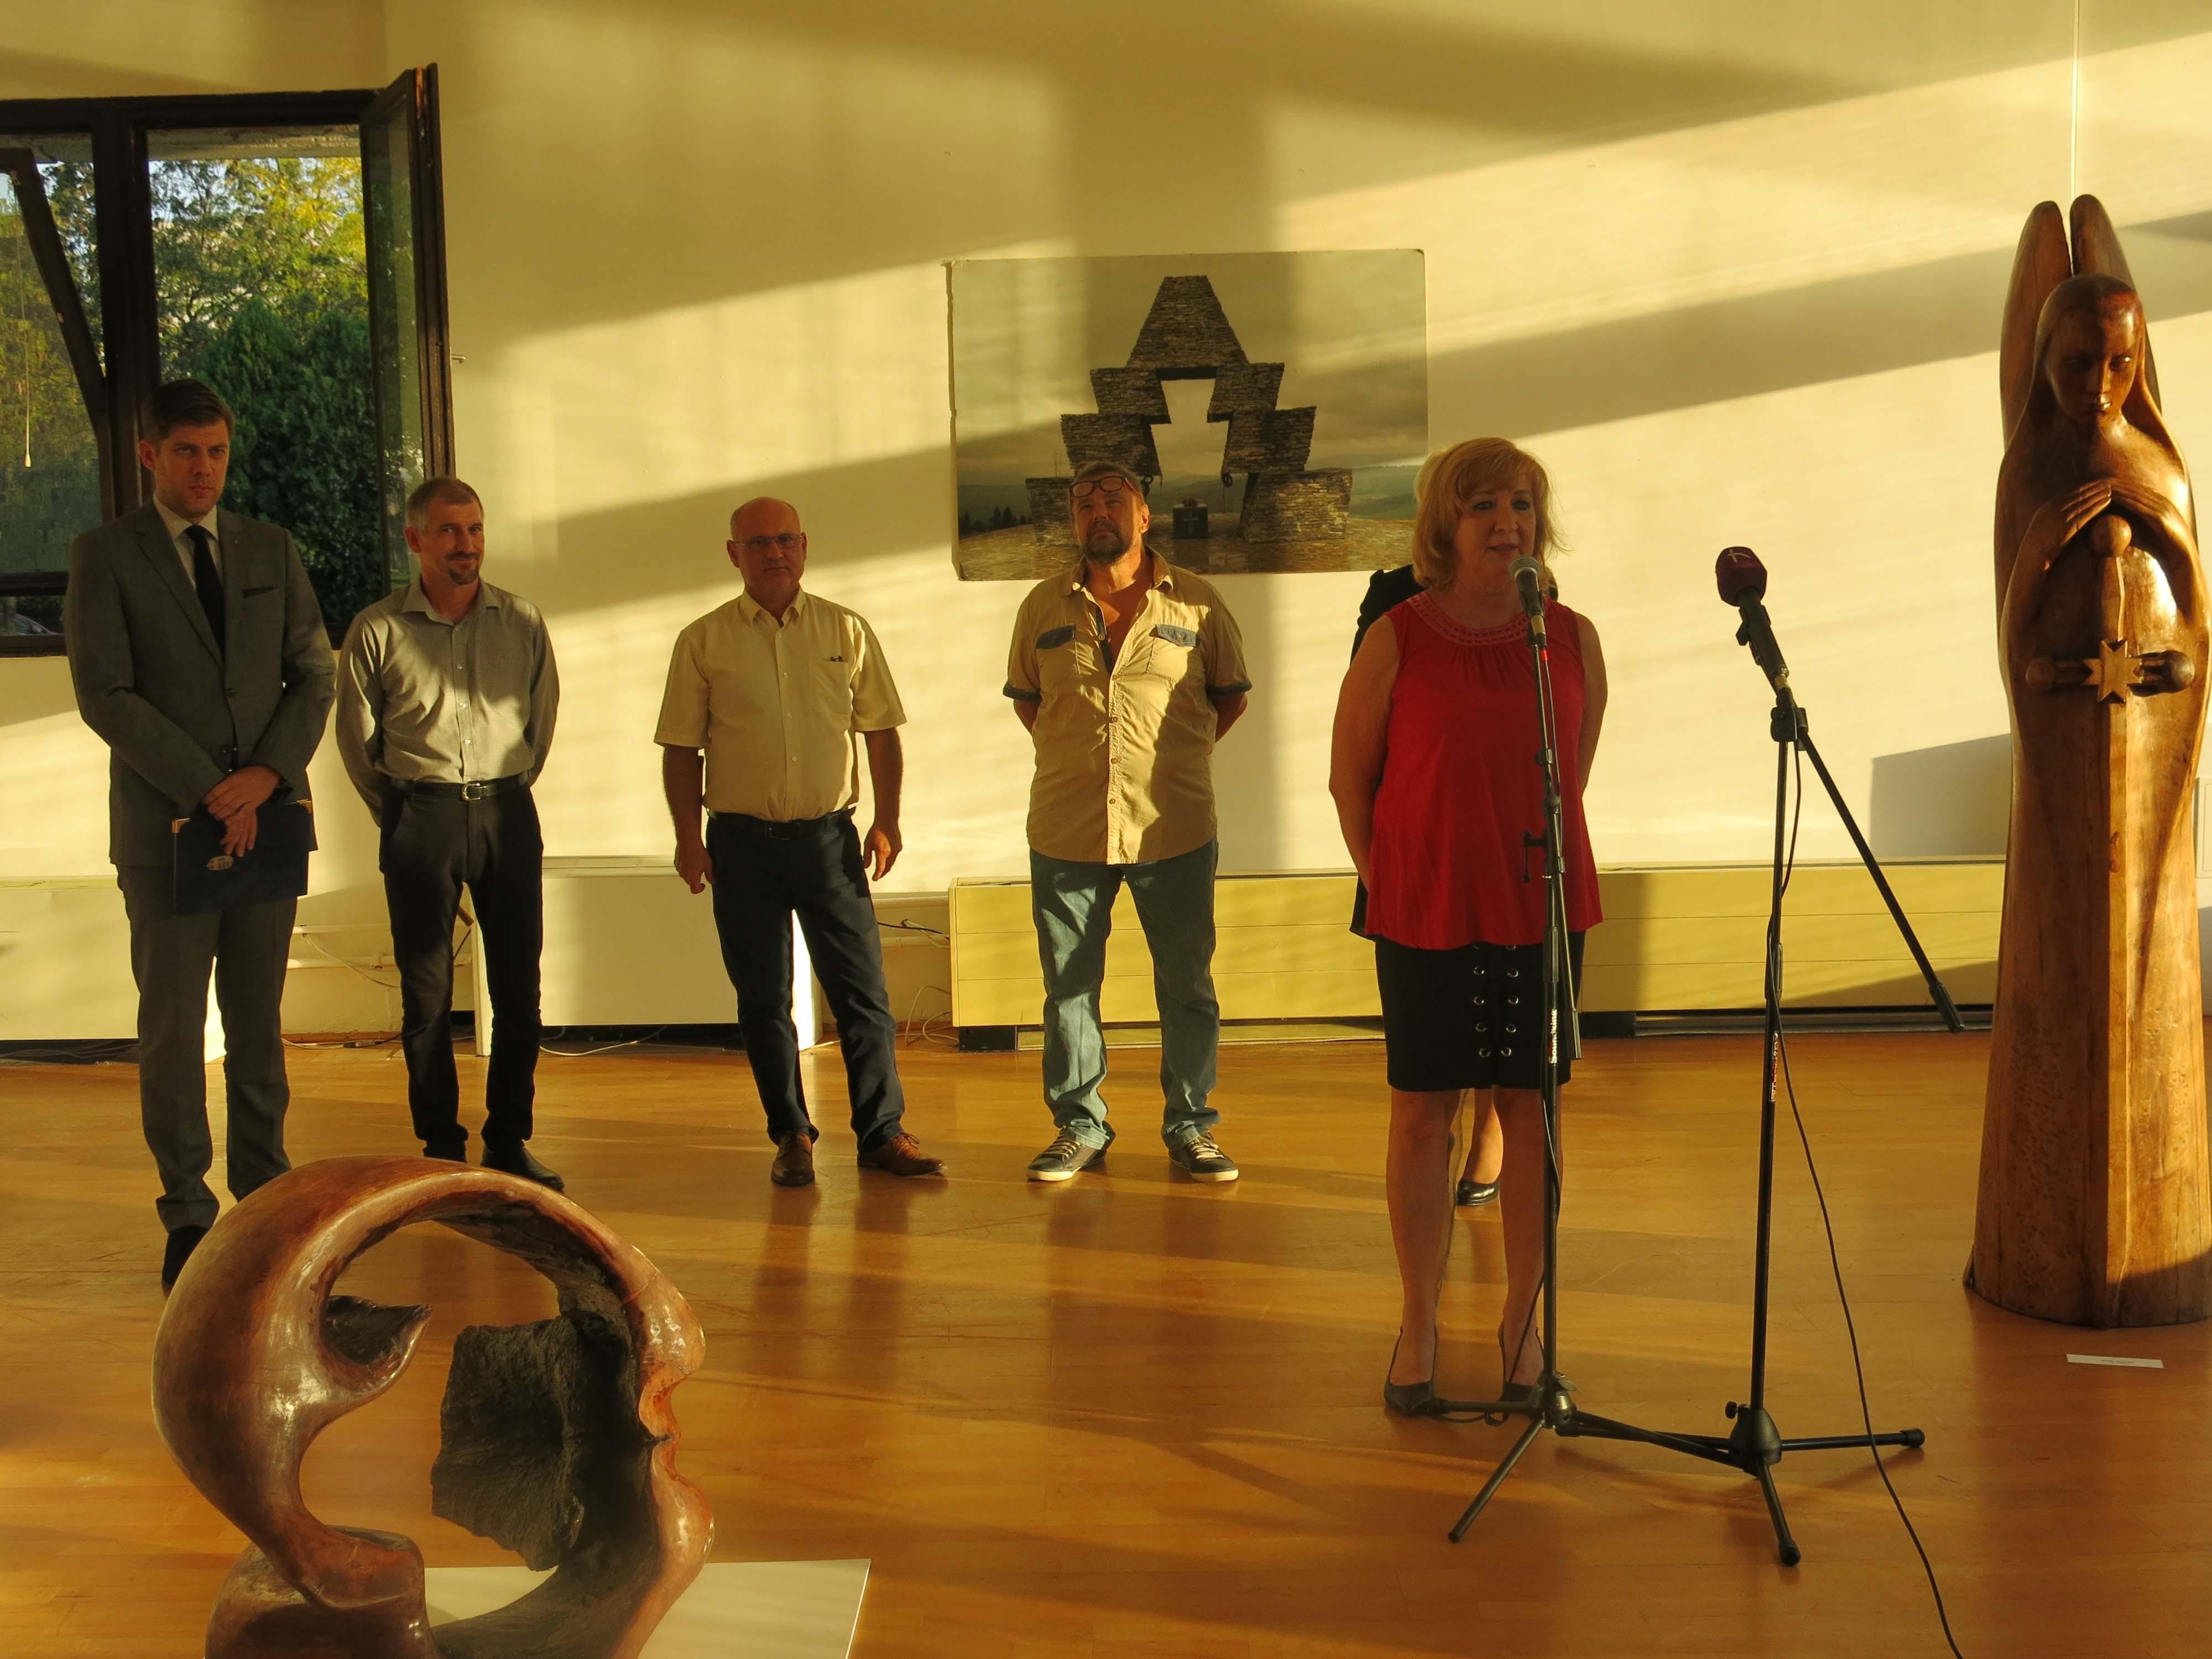 Matl Péter szobrászművész alkotásaiból nyílt kiállítás Székesfehérváron